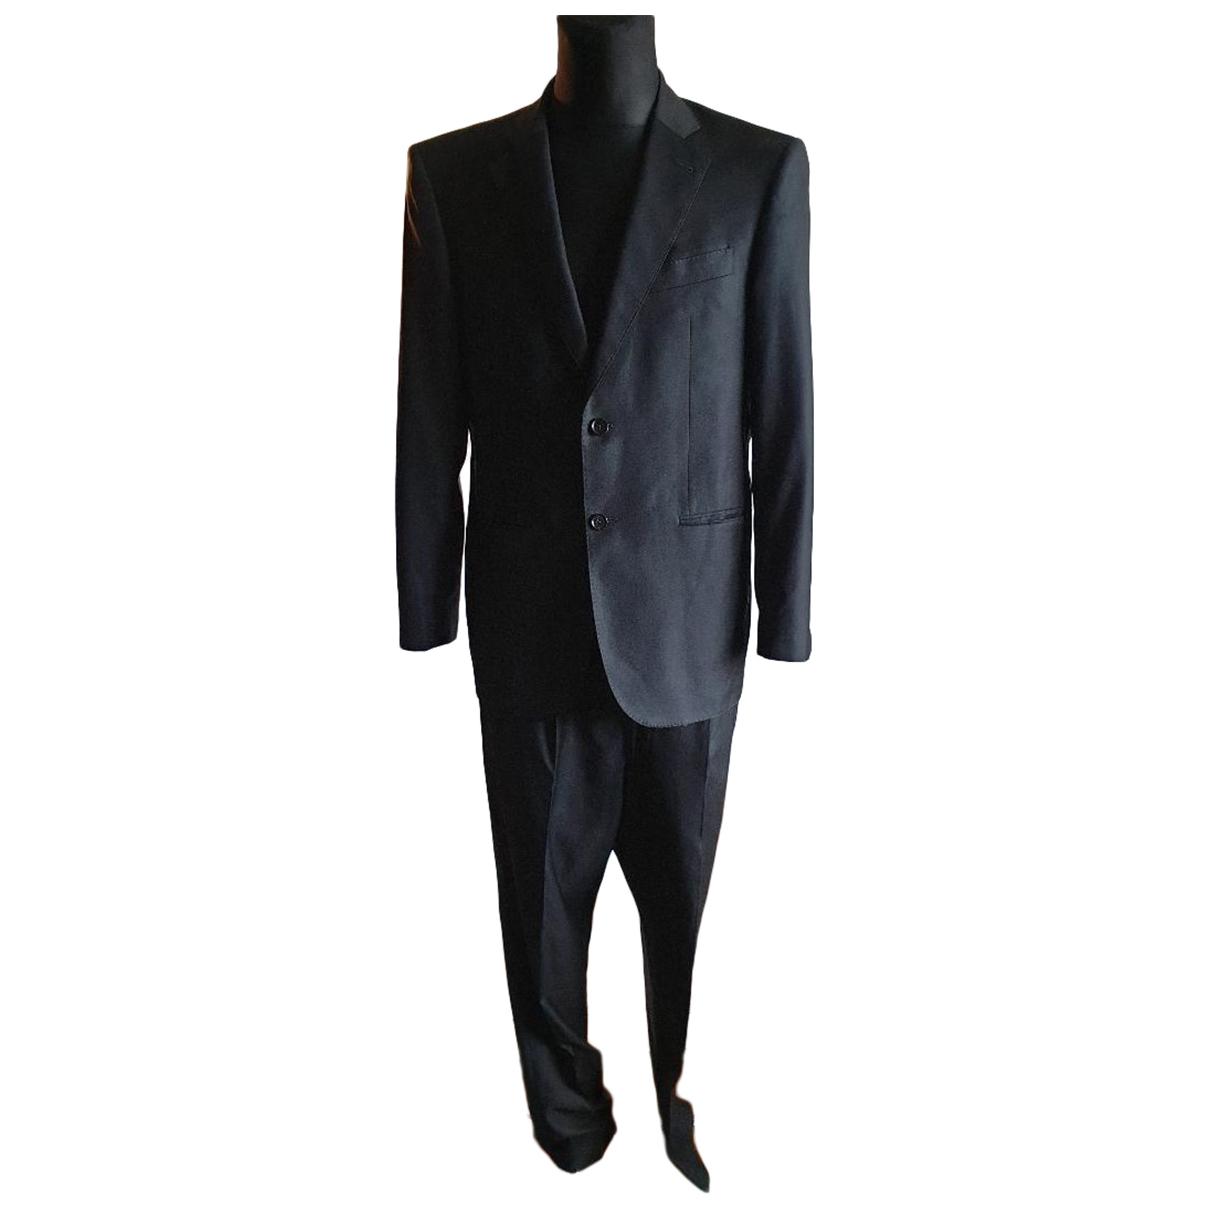 Autre Marque N Black Wool Suits for Men 48 IT